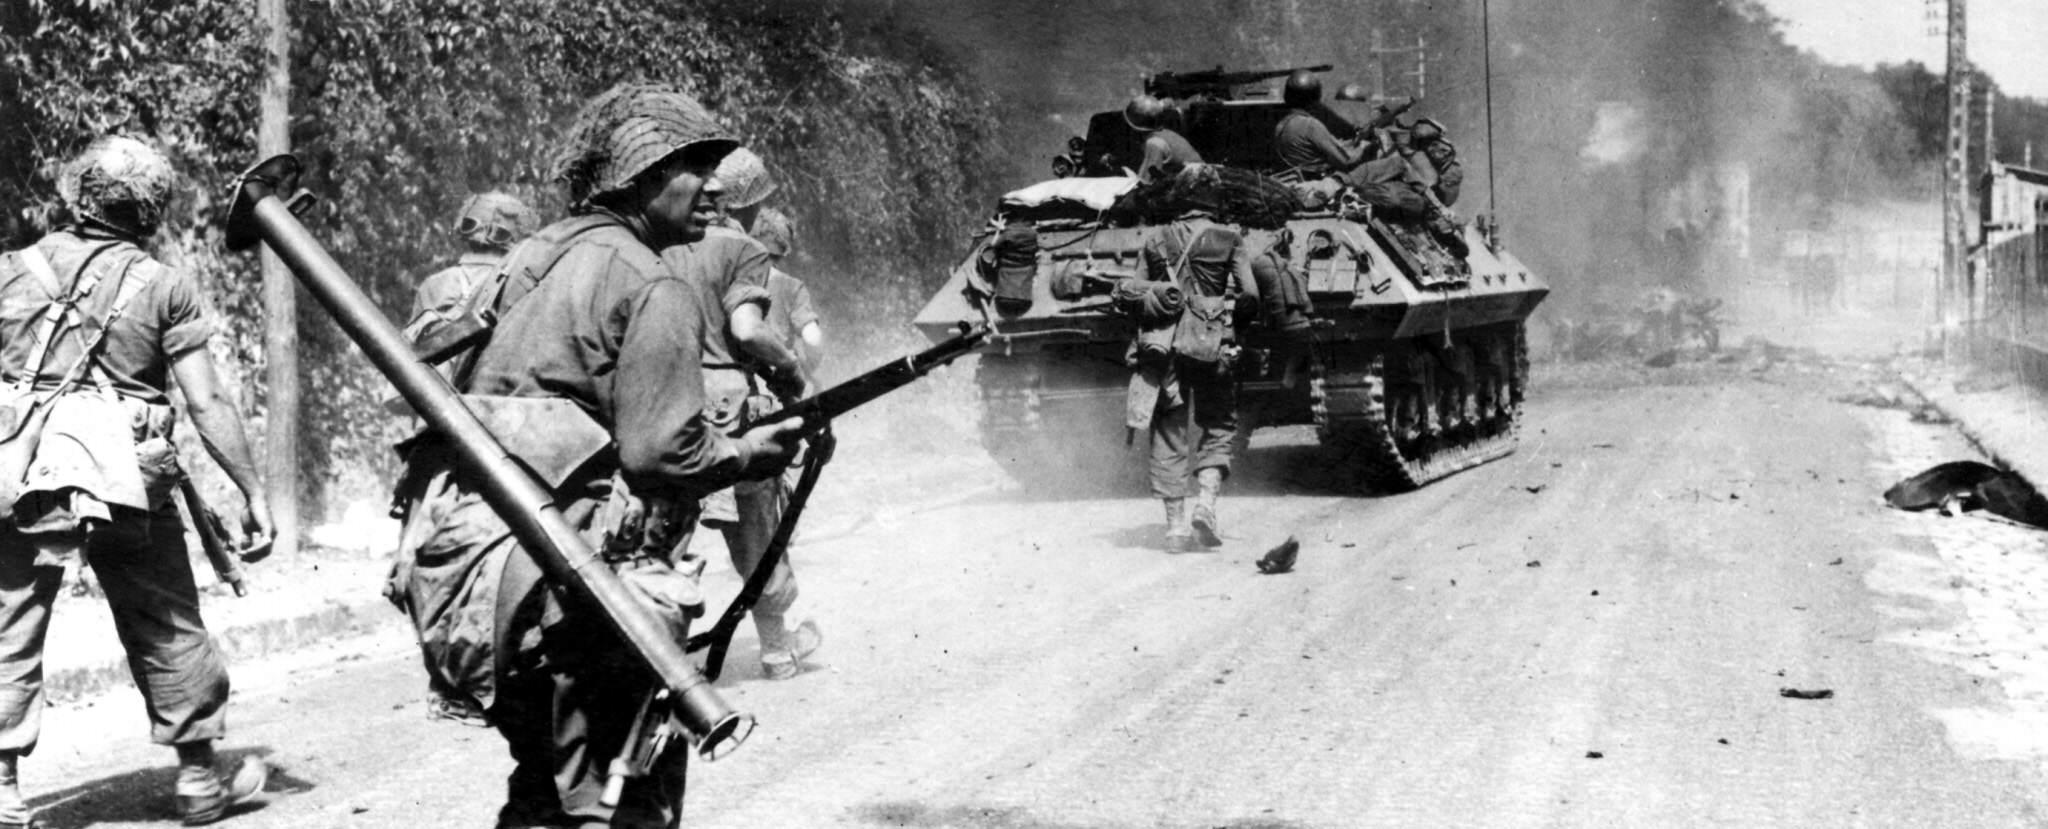 01 avon 23 aout fantassins 11th infantry regiment 5th infantry division tank destroyer m10 avenue de valvins - Des soldats du 11ème régiment de la 5th ID progressent le long de l'avenue de Valvins (Avon, France) le 23 août 1944. Ils sont aidés par un TD